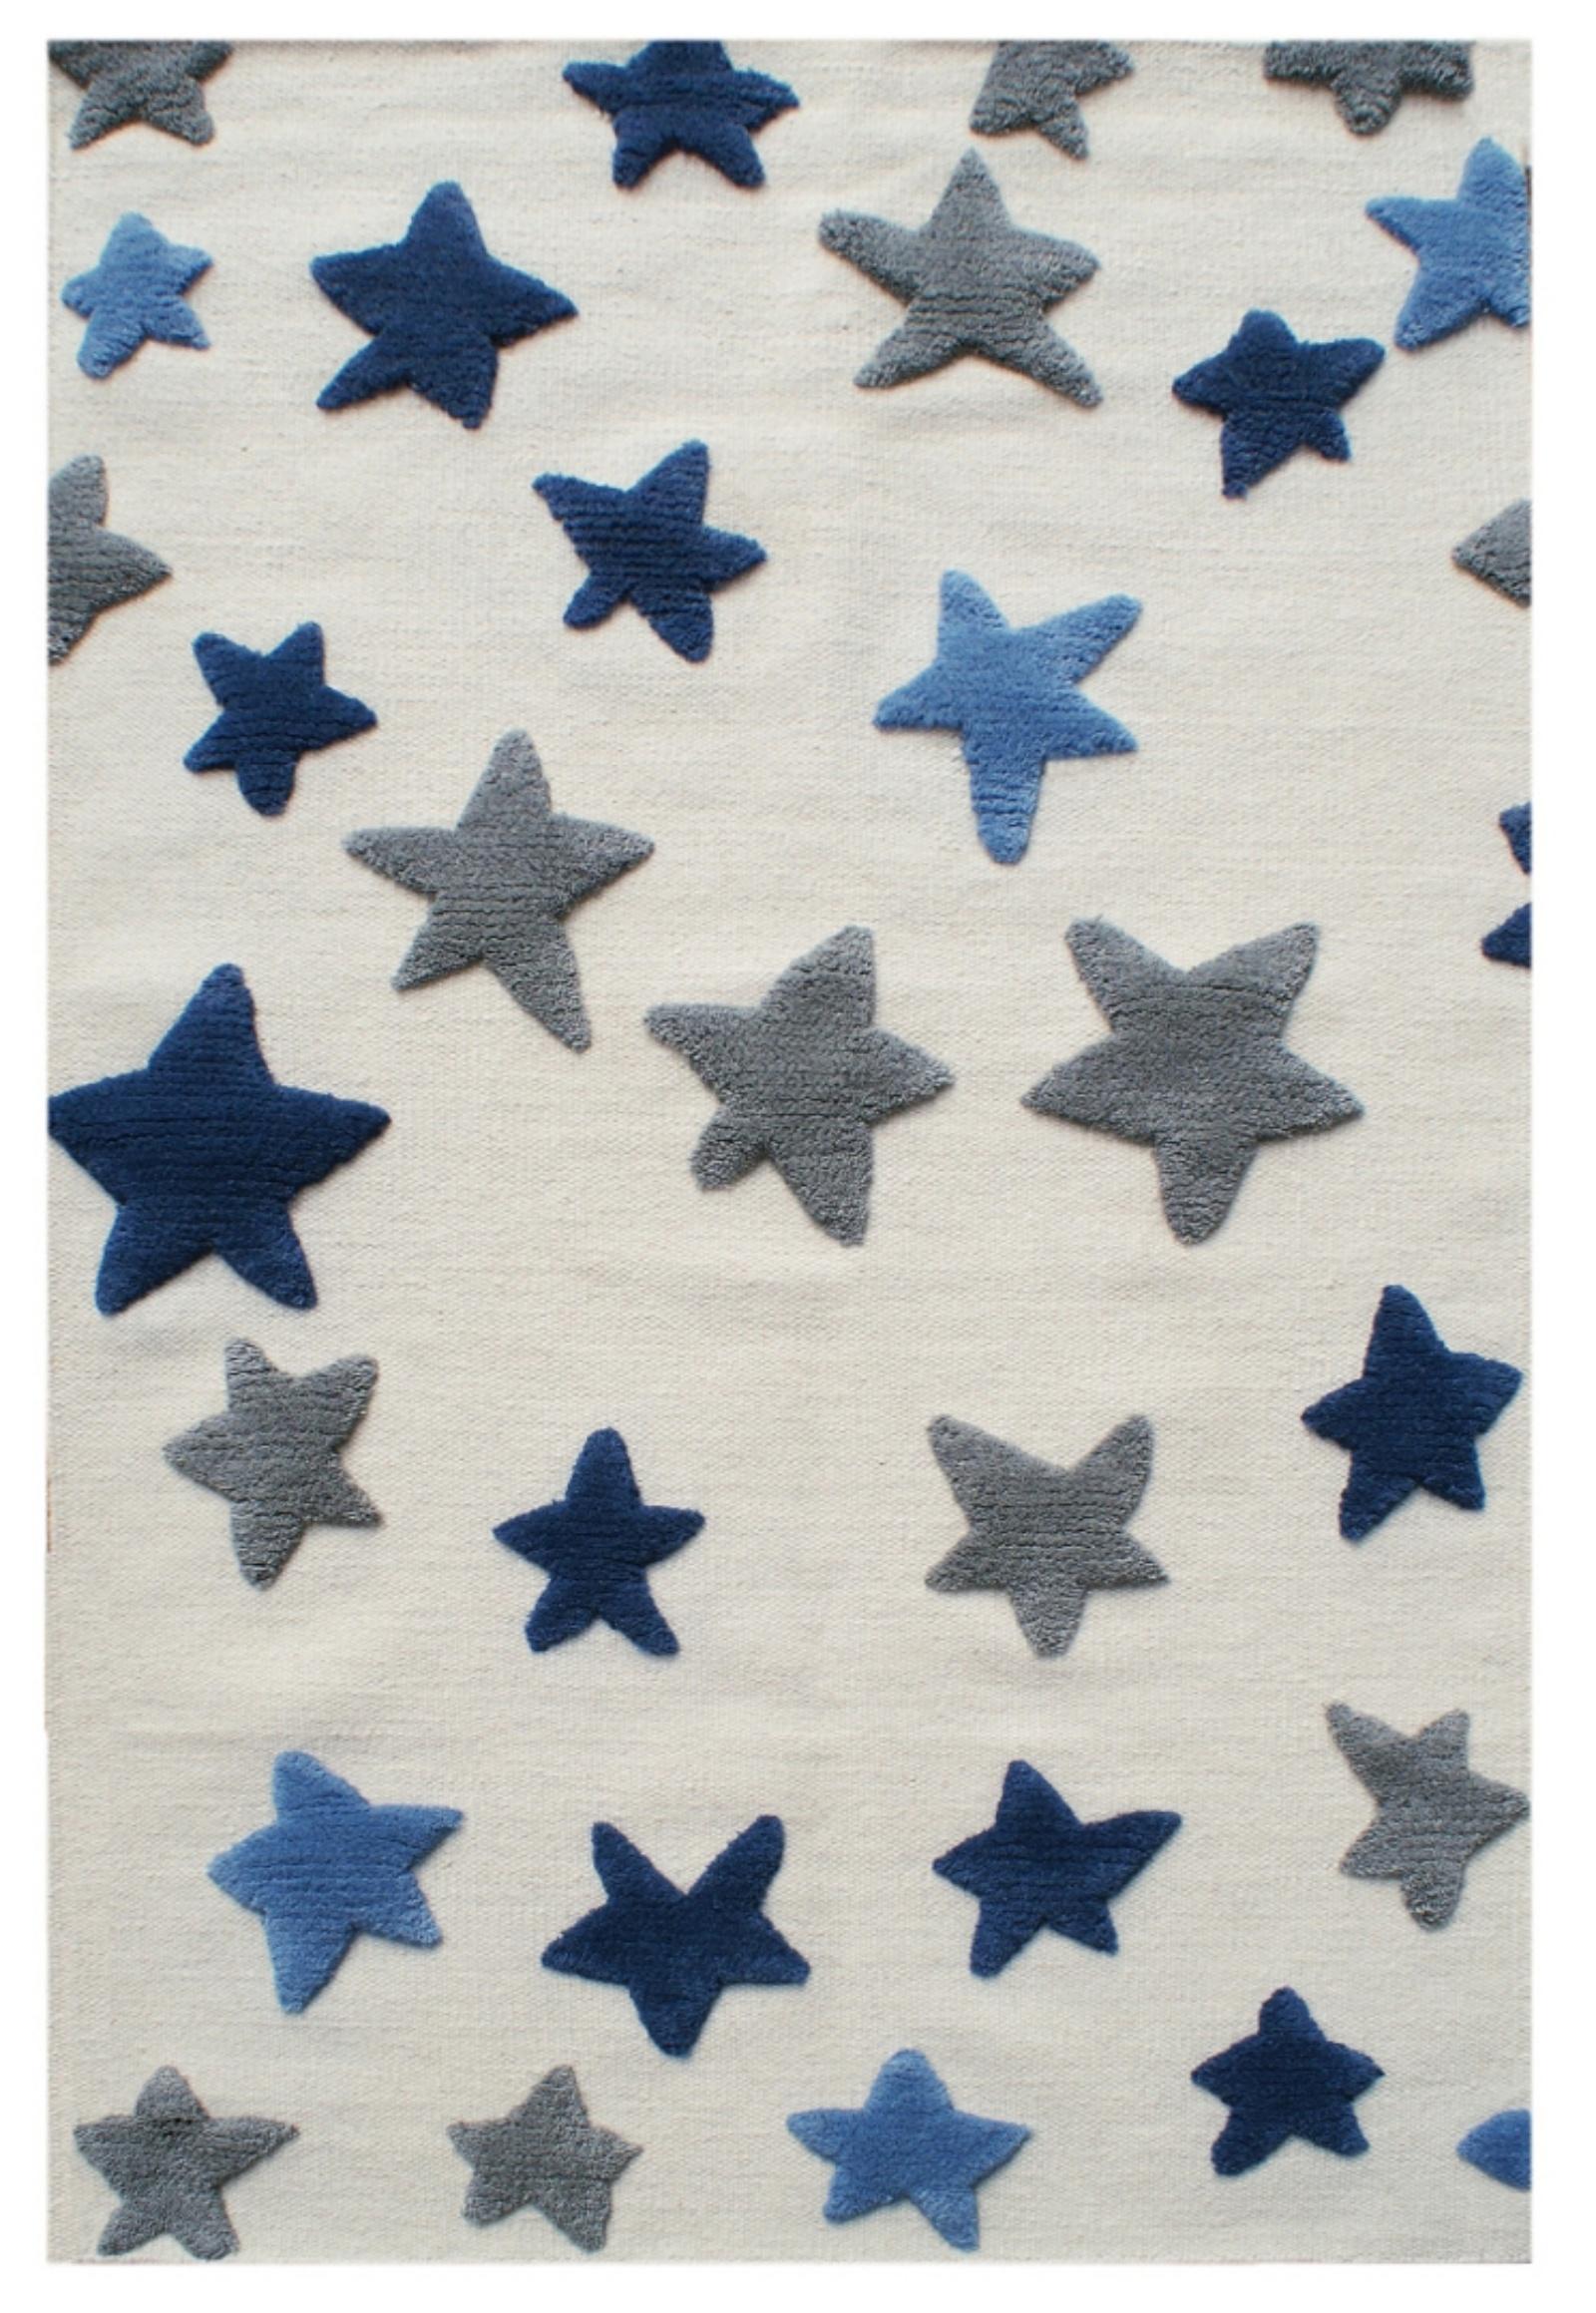 Dětský vlněný koberec hvězdy - natural/modrá 120x180cm